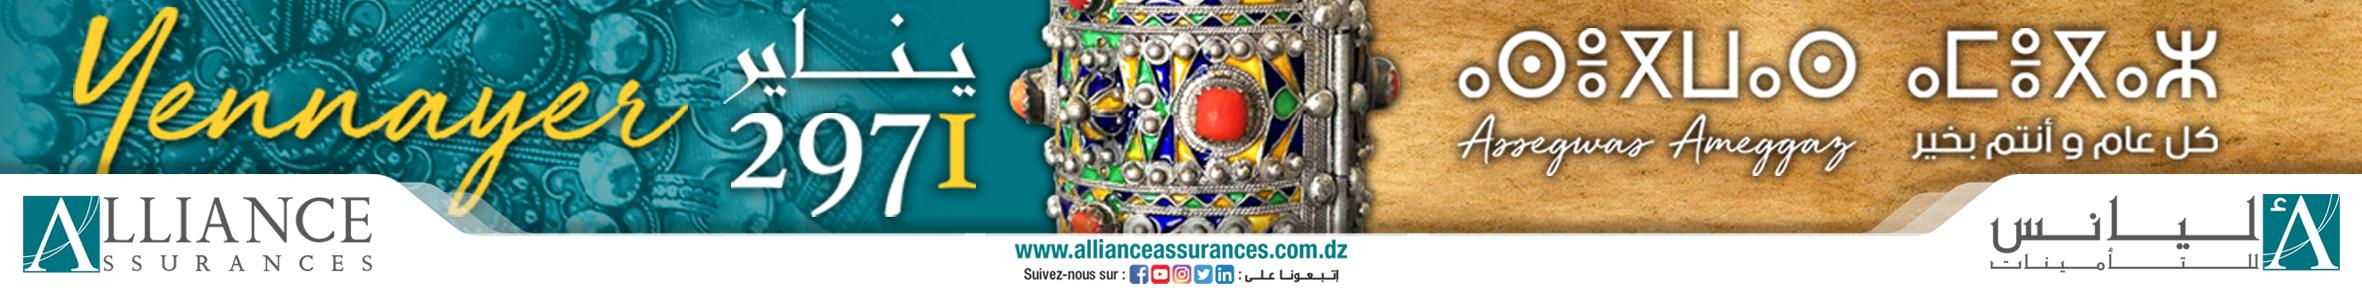 Alliance assurance 30-11-2020